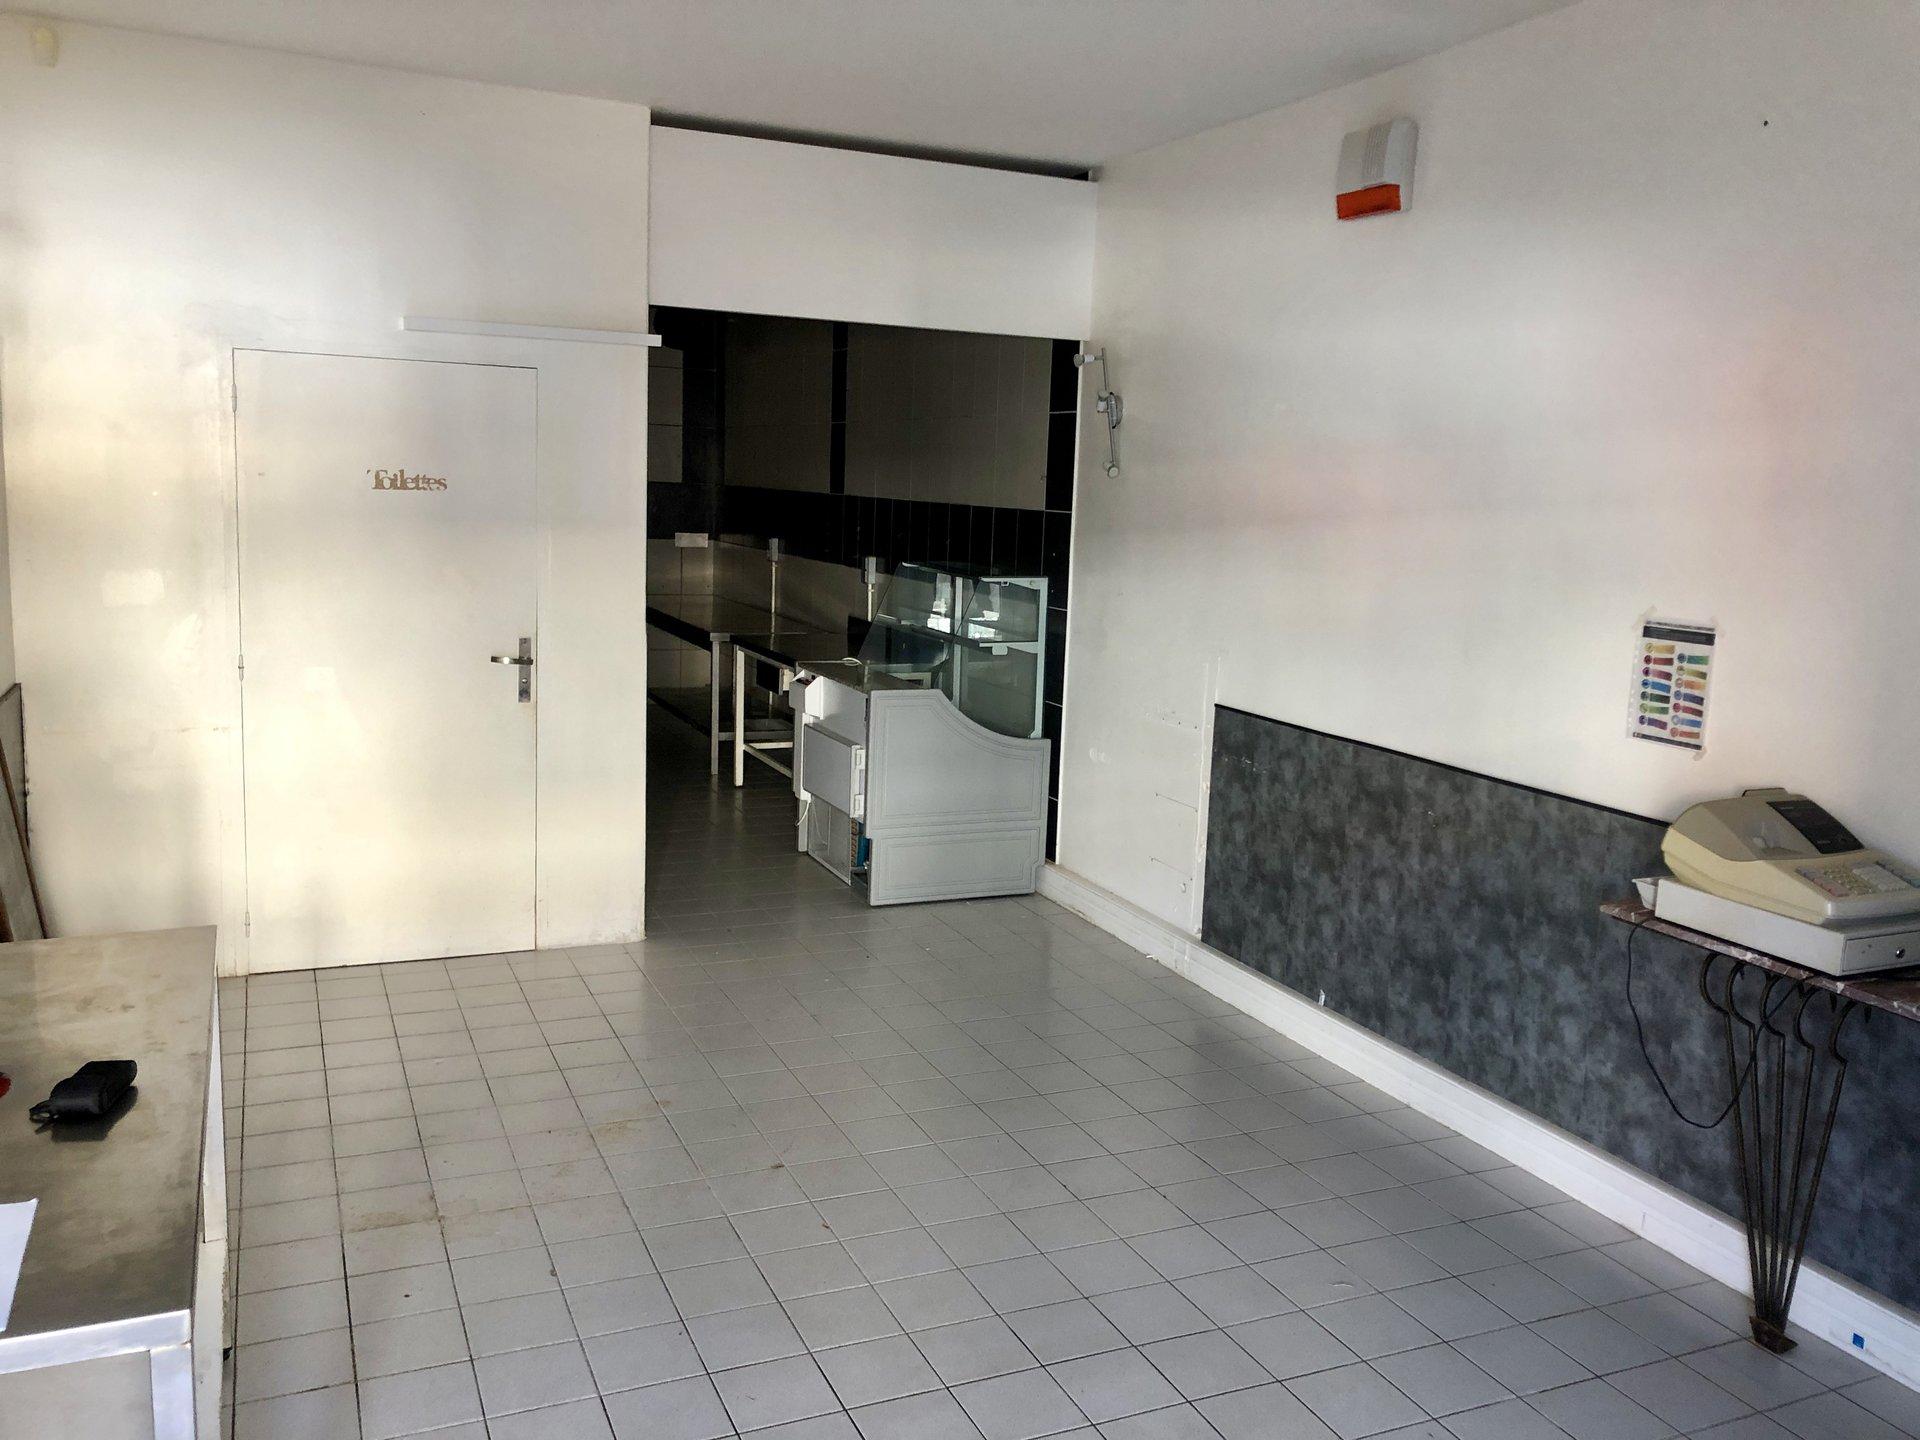 Centre ville - Local commercial 53m² 44250 SAINT BREVIN L'OCEAN